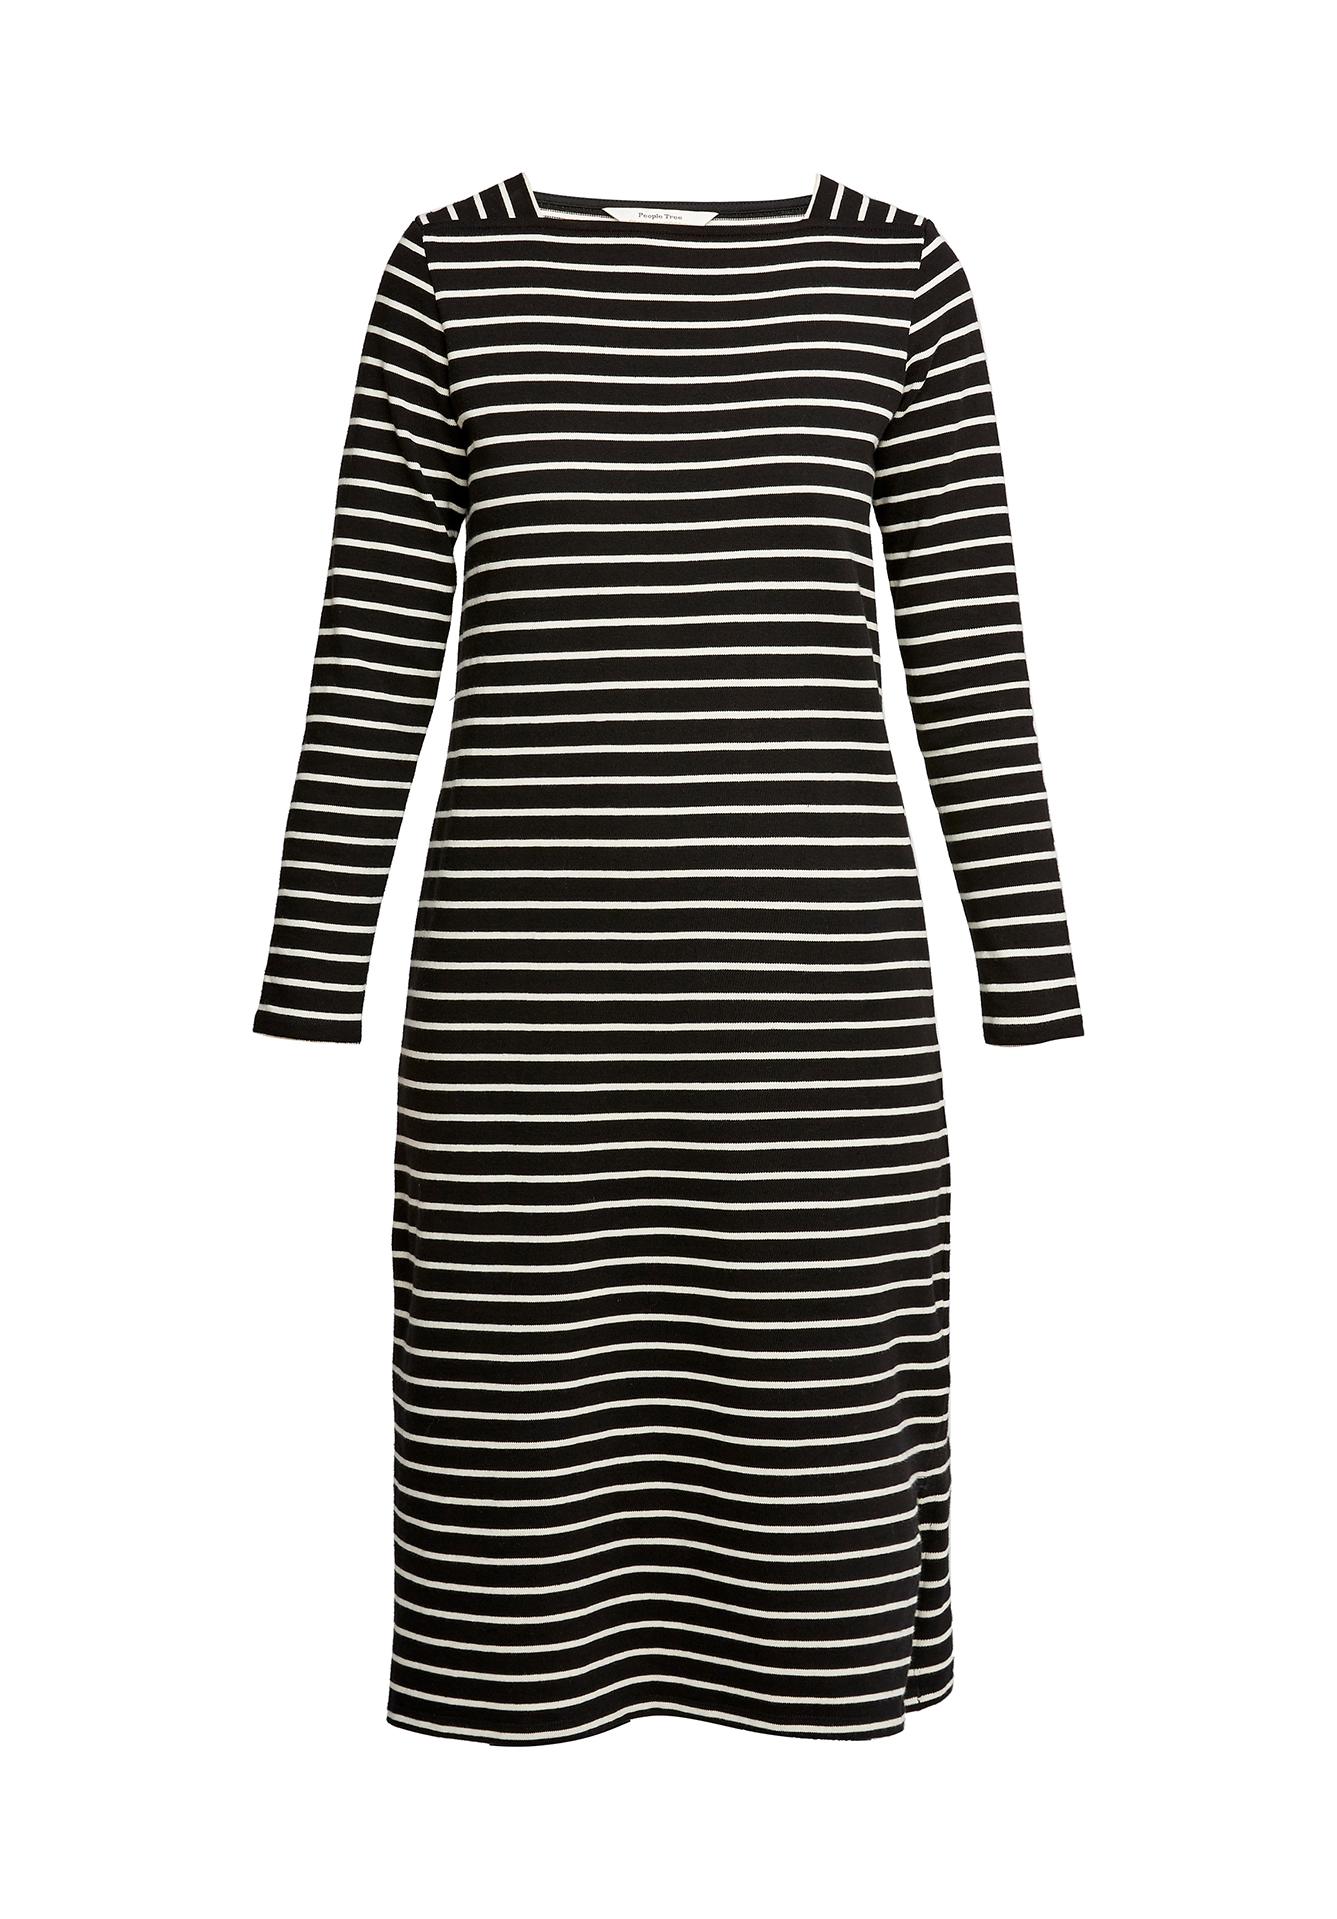 Lucille Stripe Dress in Black and Ecru Cream